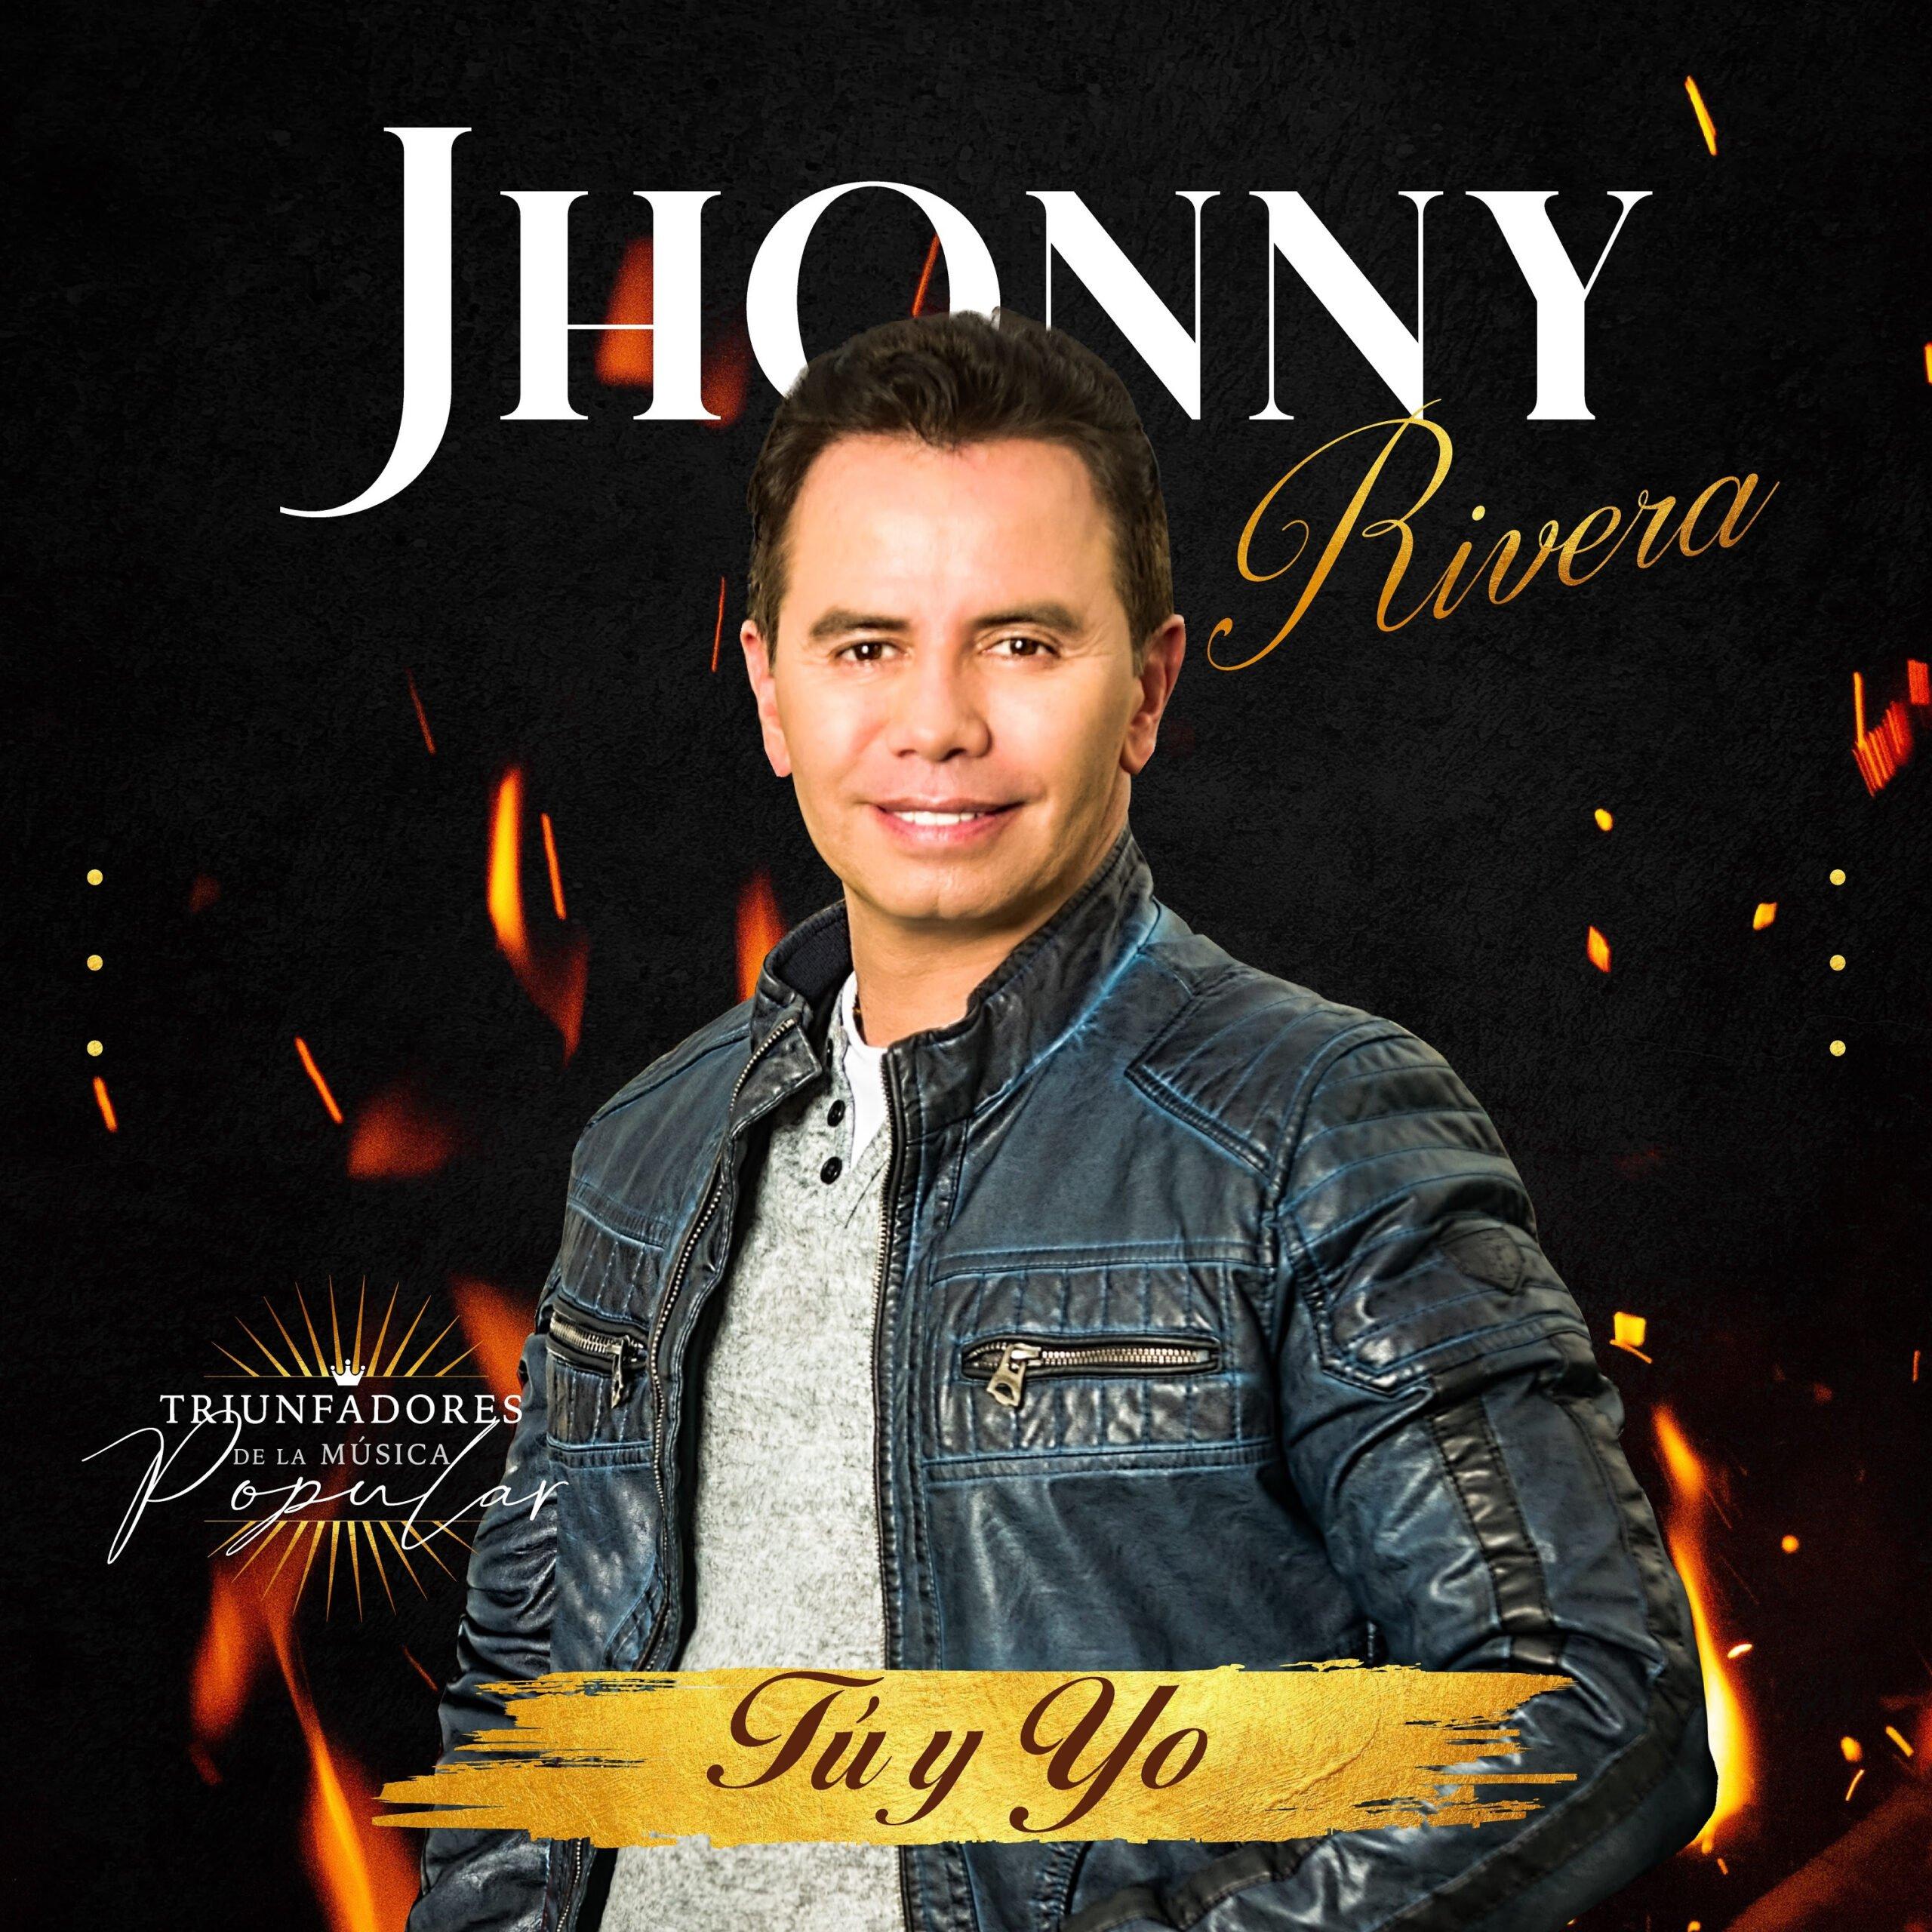 Jhonny Rivera lanzó su nuevo sencillo